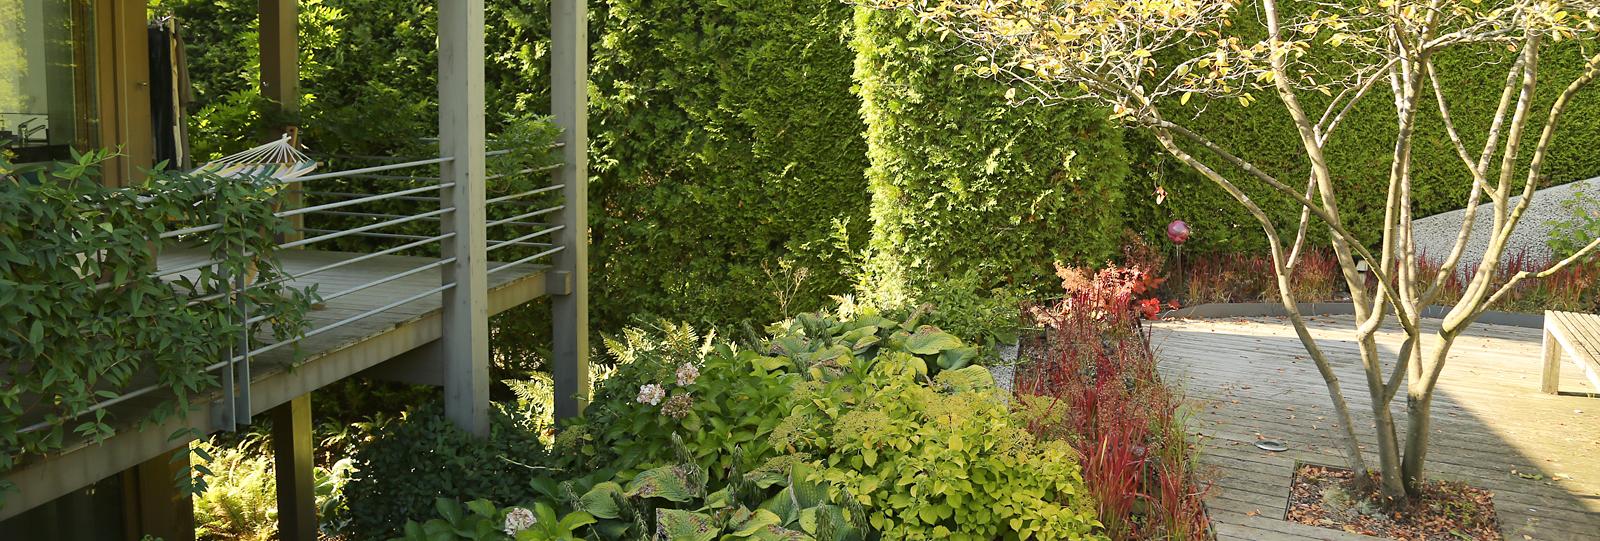 Das unternehmen f r den garten in luzern zug villiger for Garten pool cham